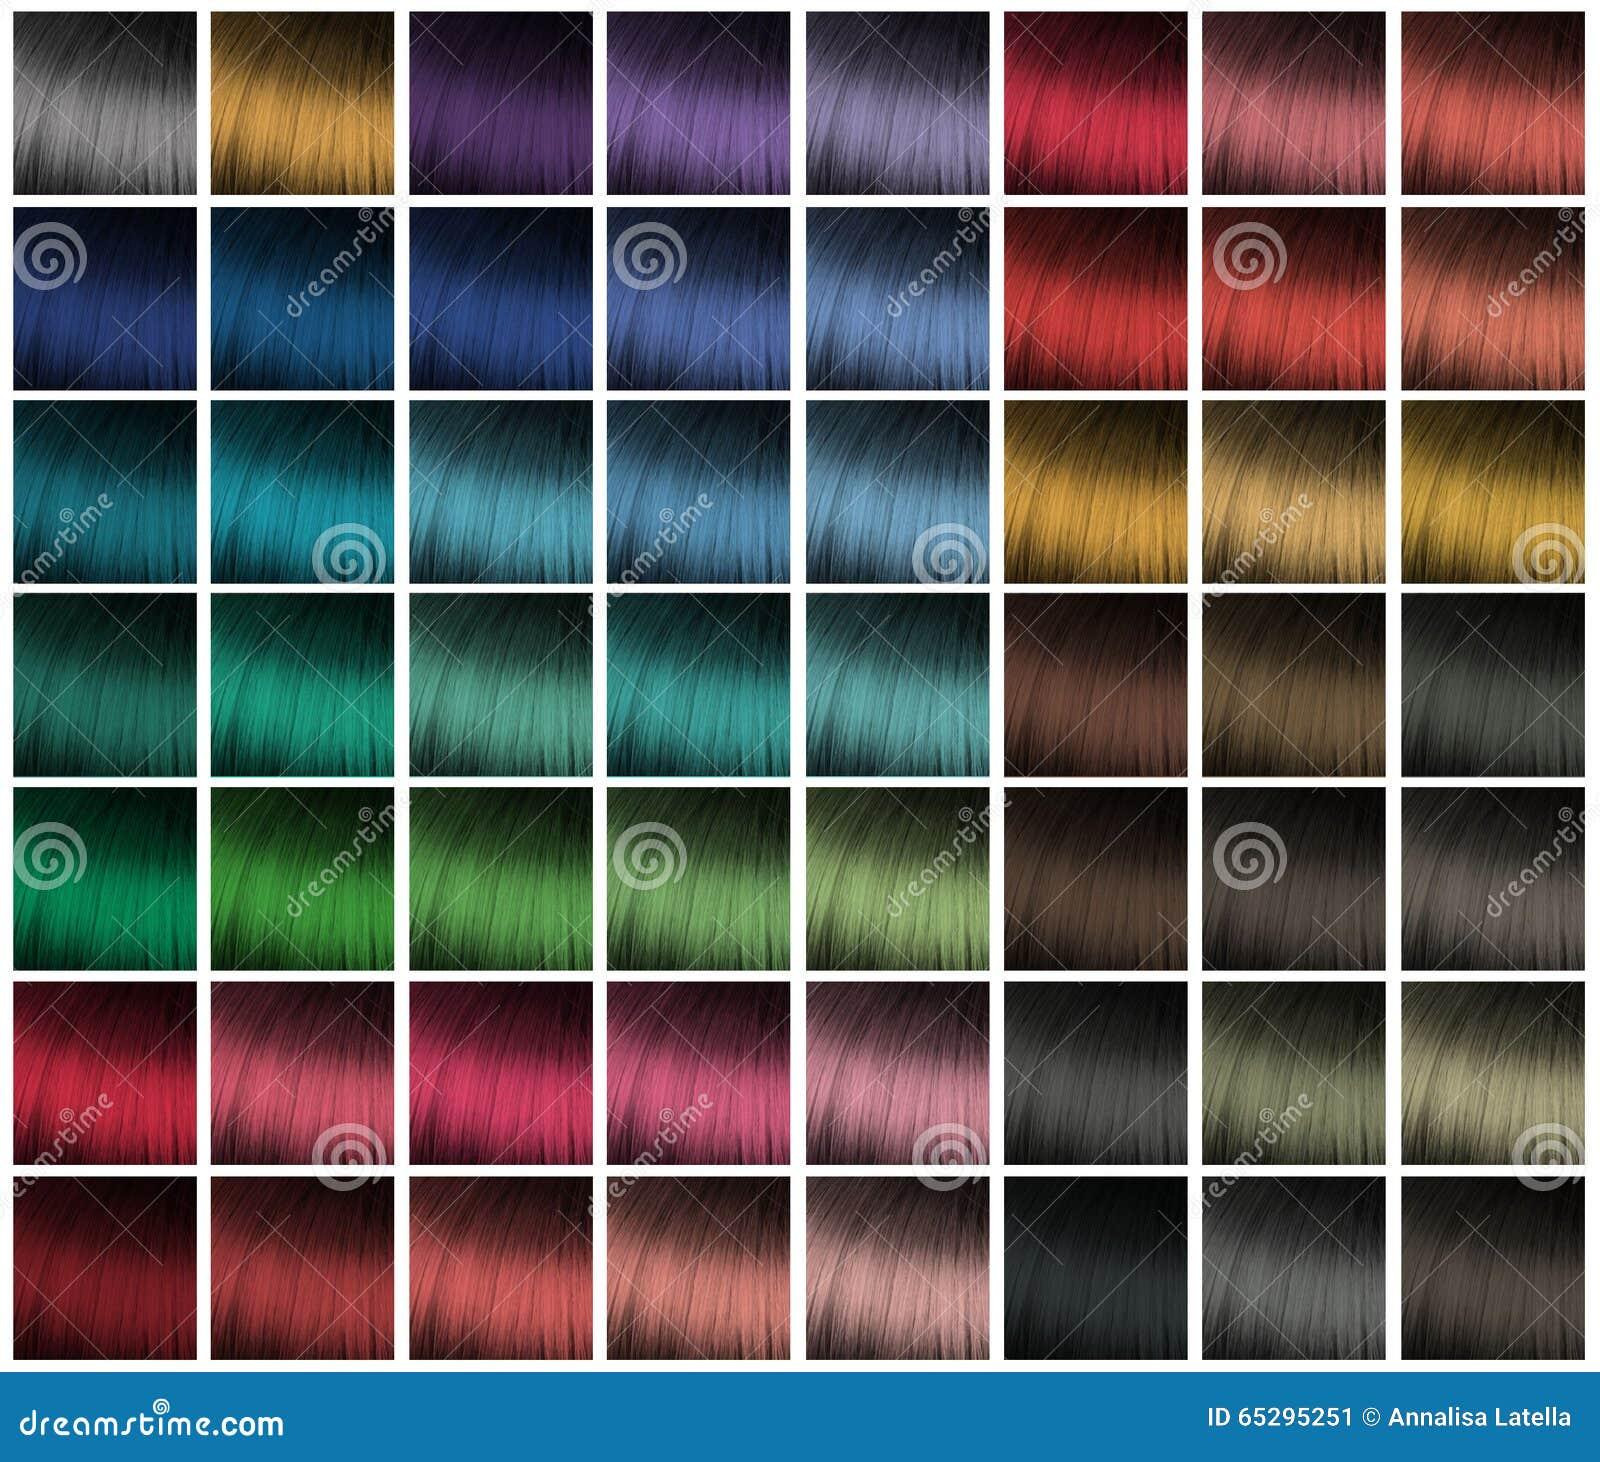 palette pour la teinture de cheveux image stock image With couleur pastel pour salon 13 palette pour la teinture de cheveux image stock image